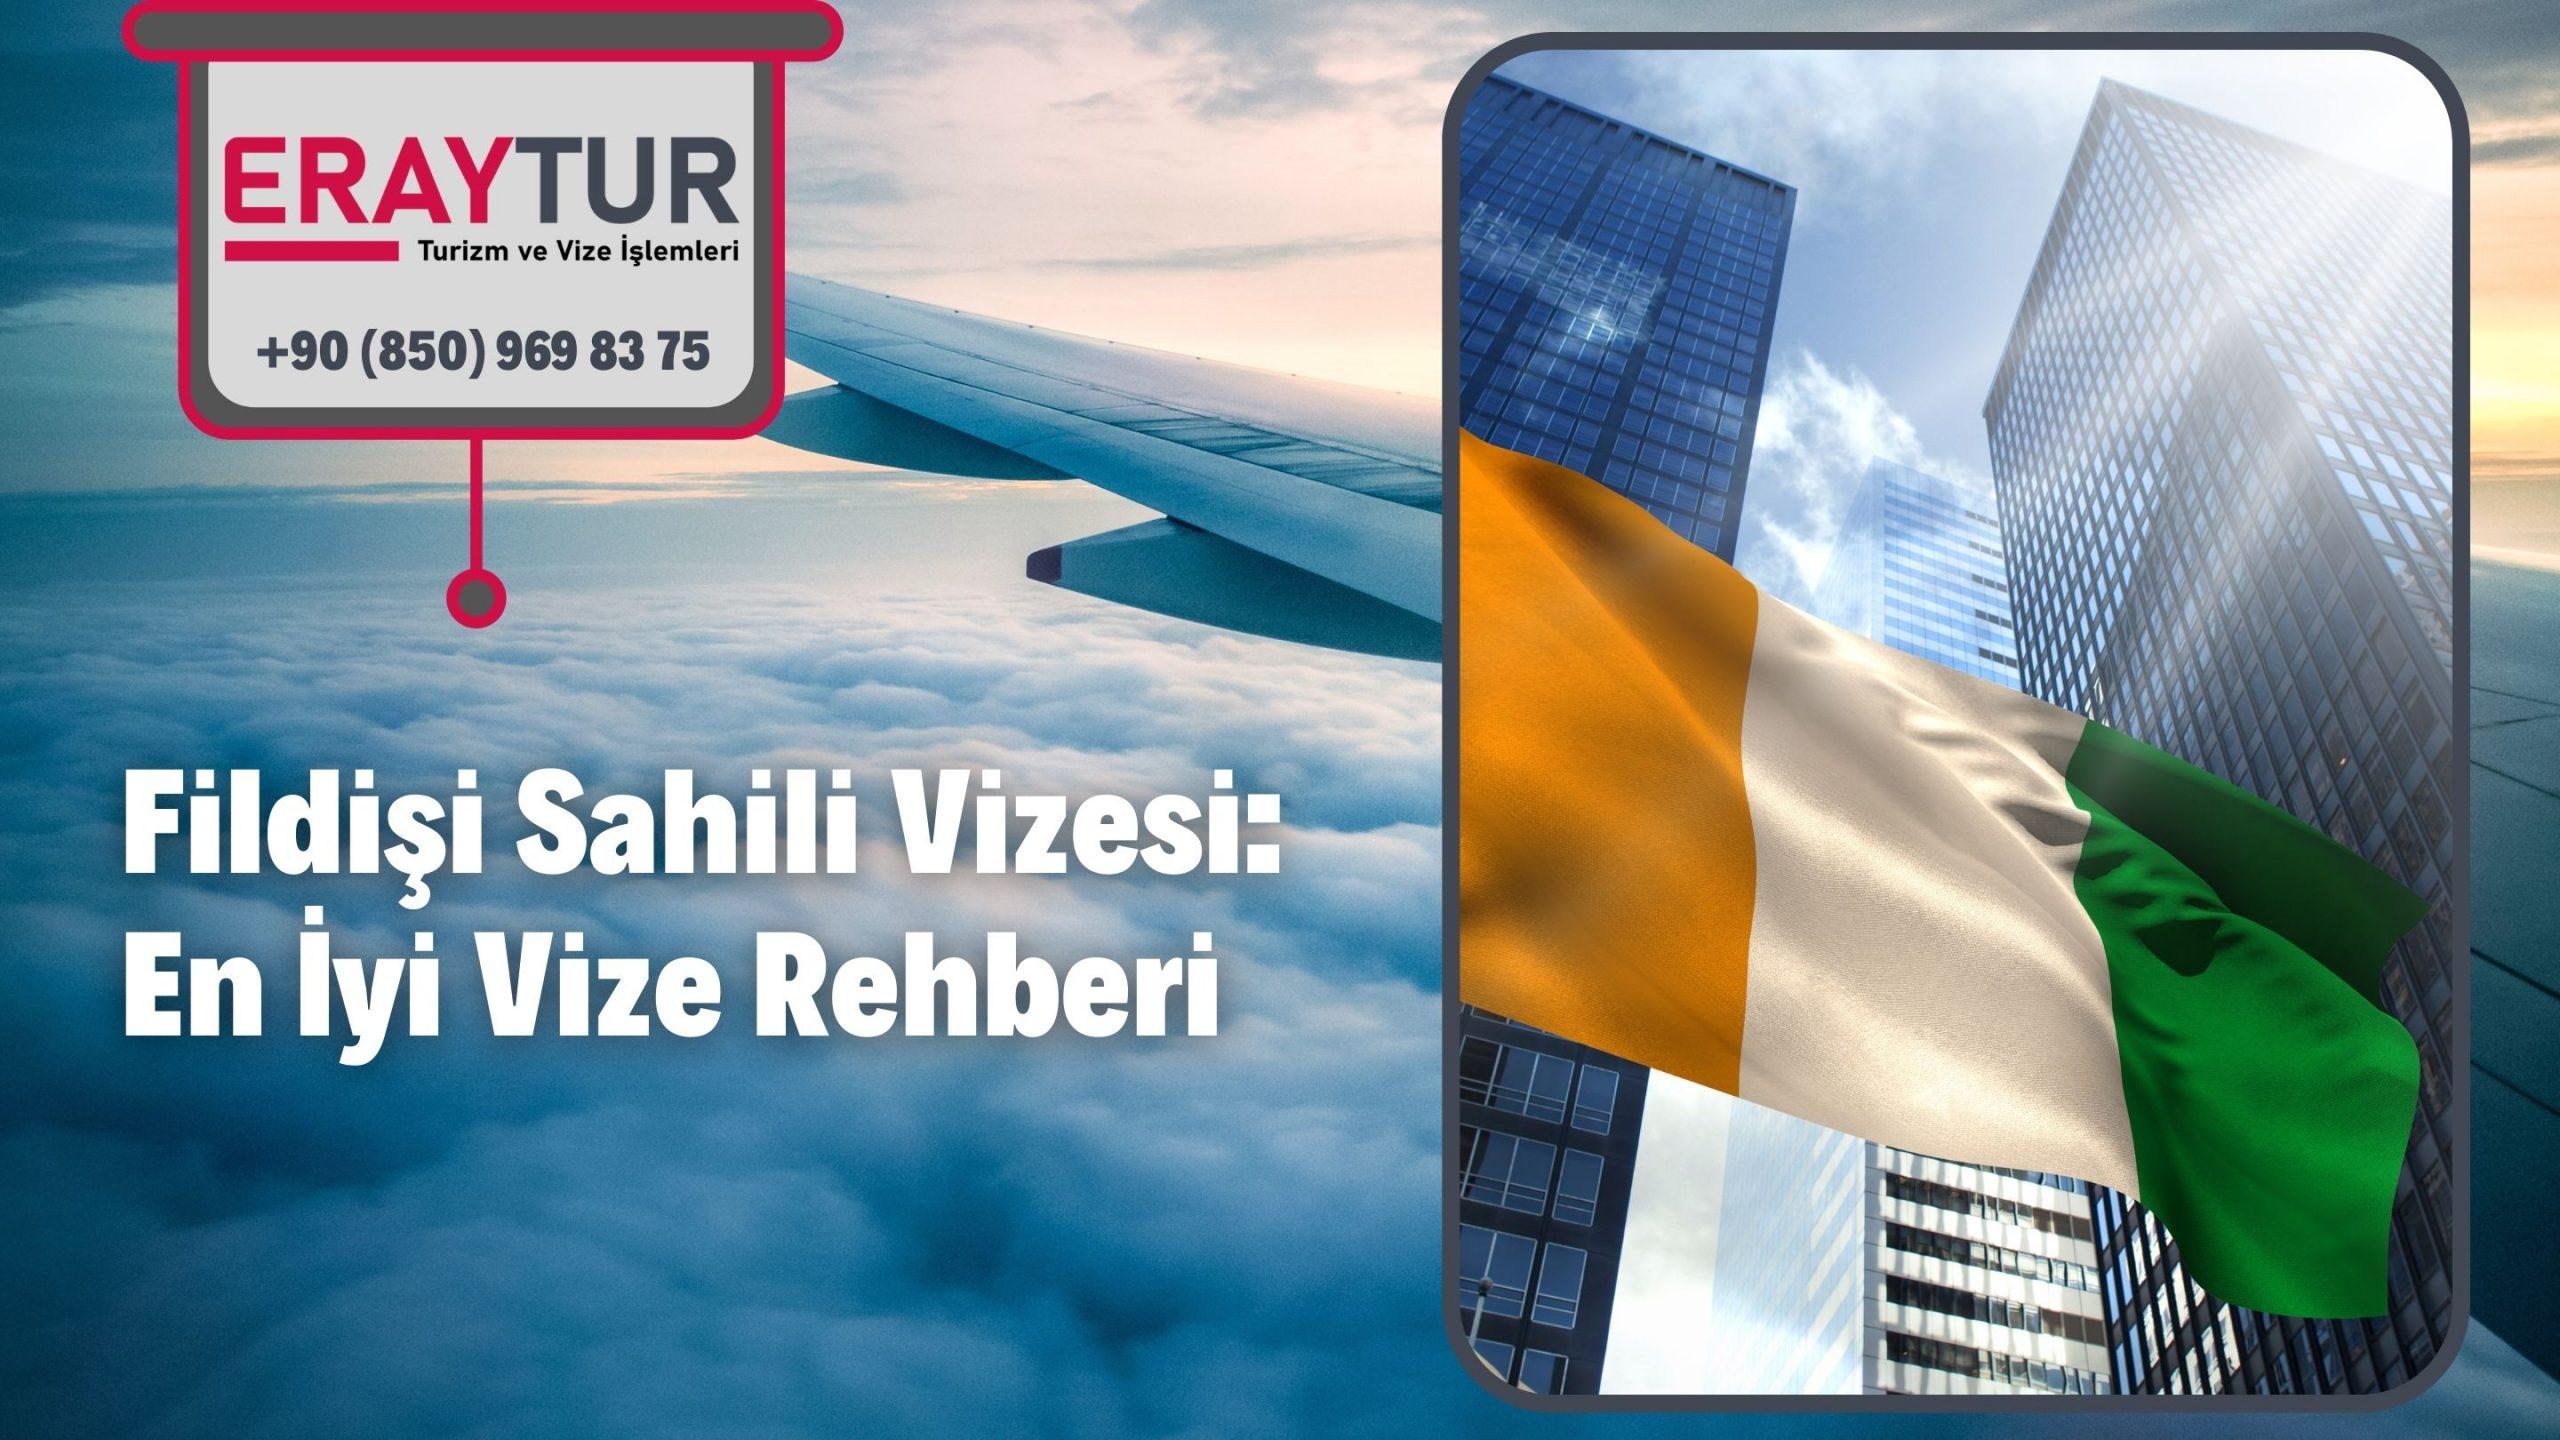 Fildişi Sahili Vizesi: En İyi Vize Rehberi 2021 1 – fildisi sahili vizesi en iyi vize rehberi 2021 1 scaled